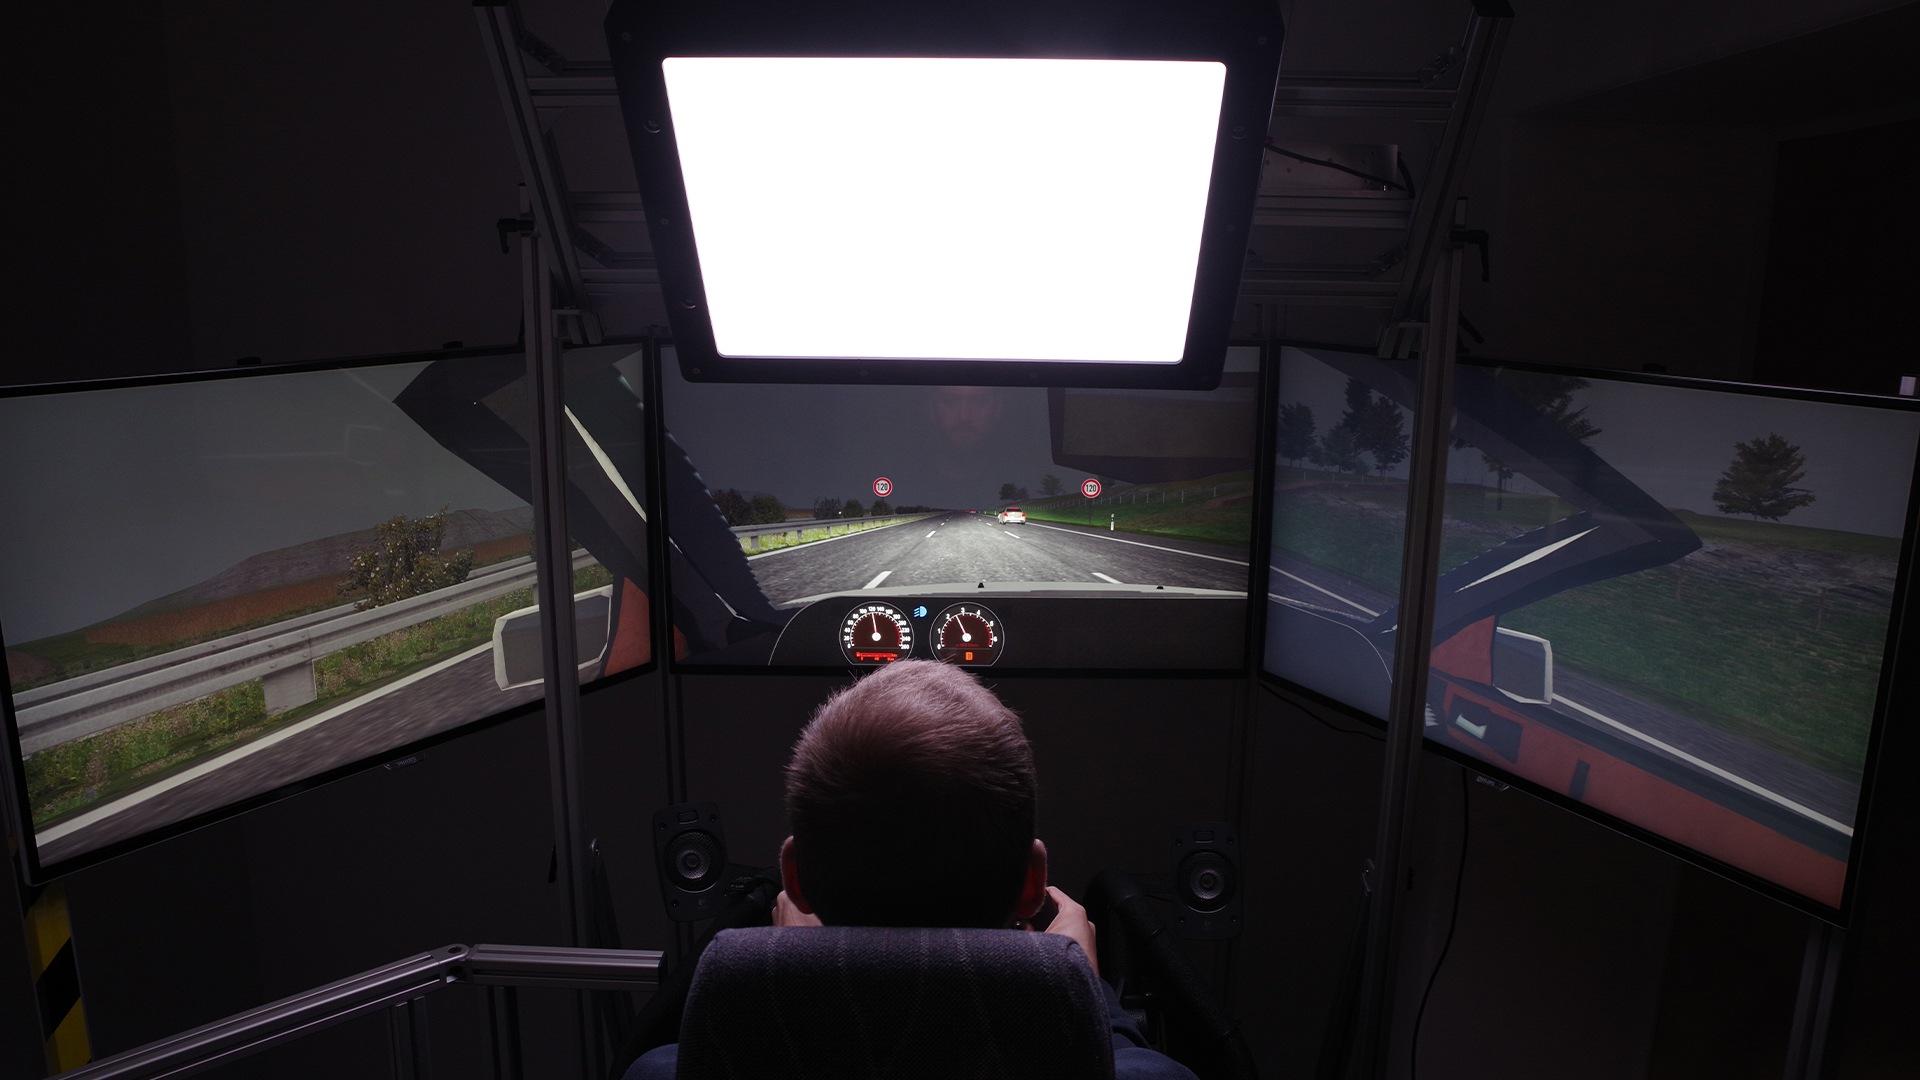 Simulator vožnje, ki posnema učinek svetlobe med vožnjo v avtomobilu.